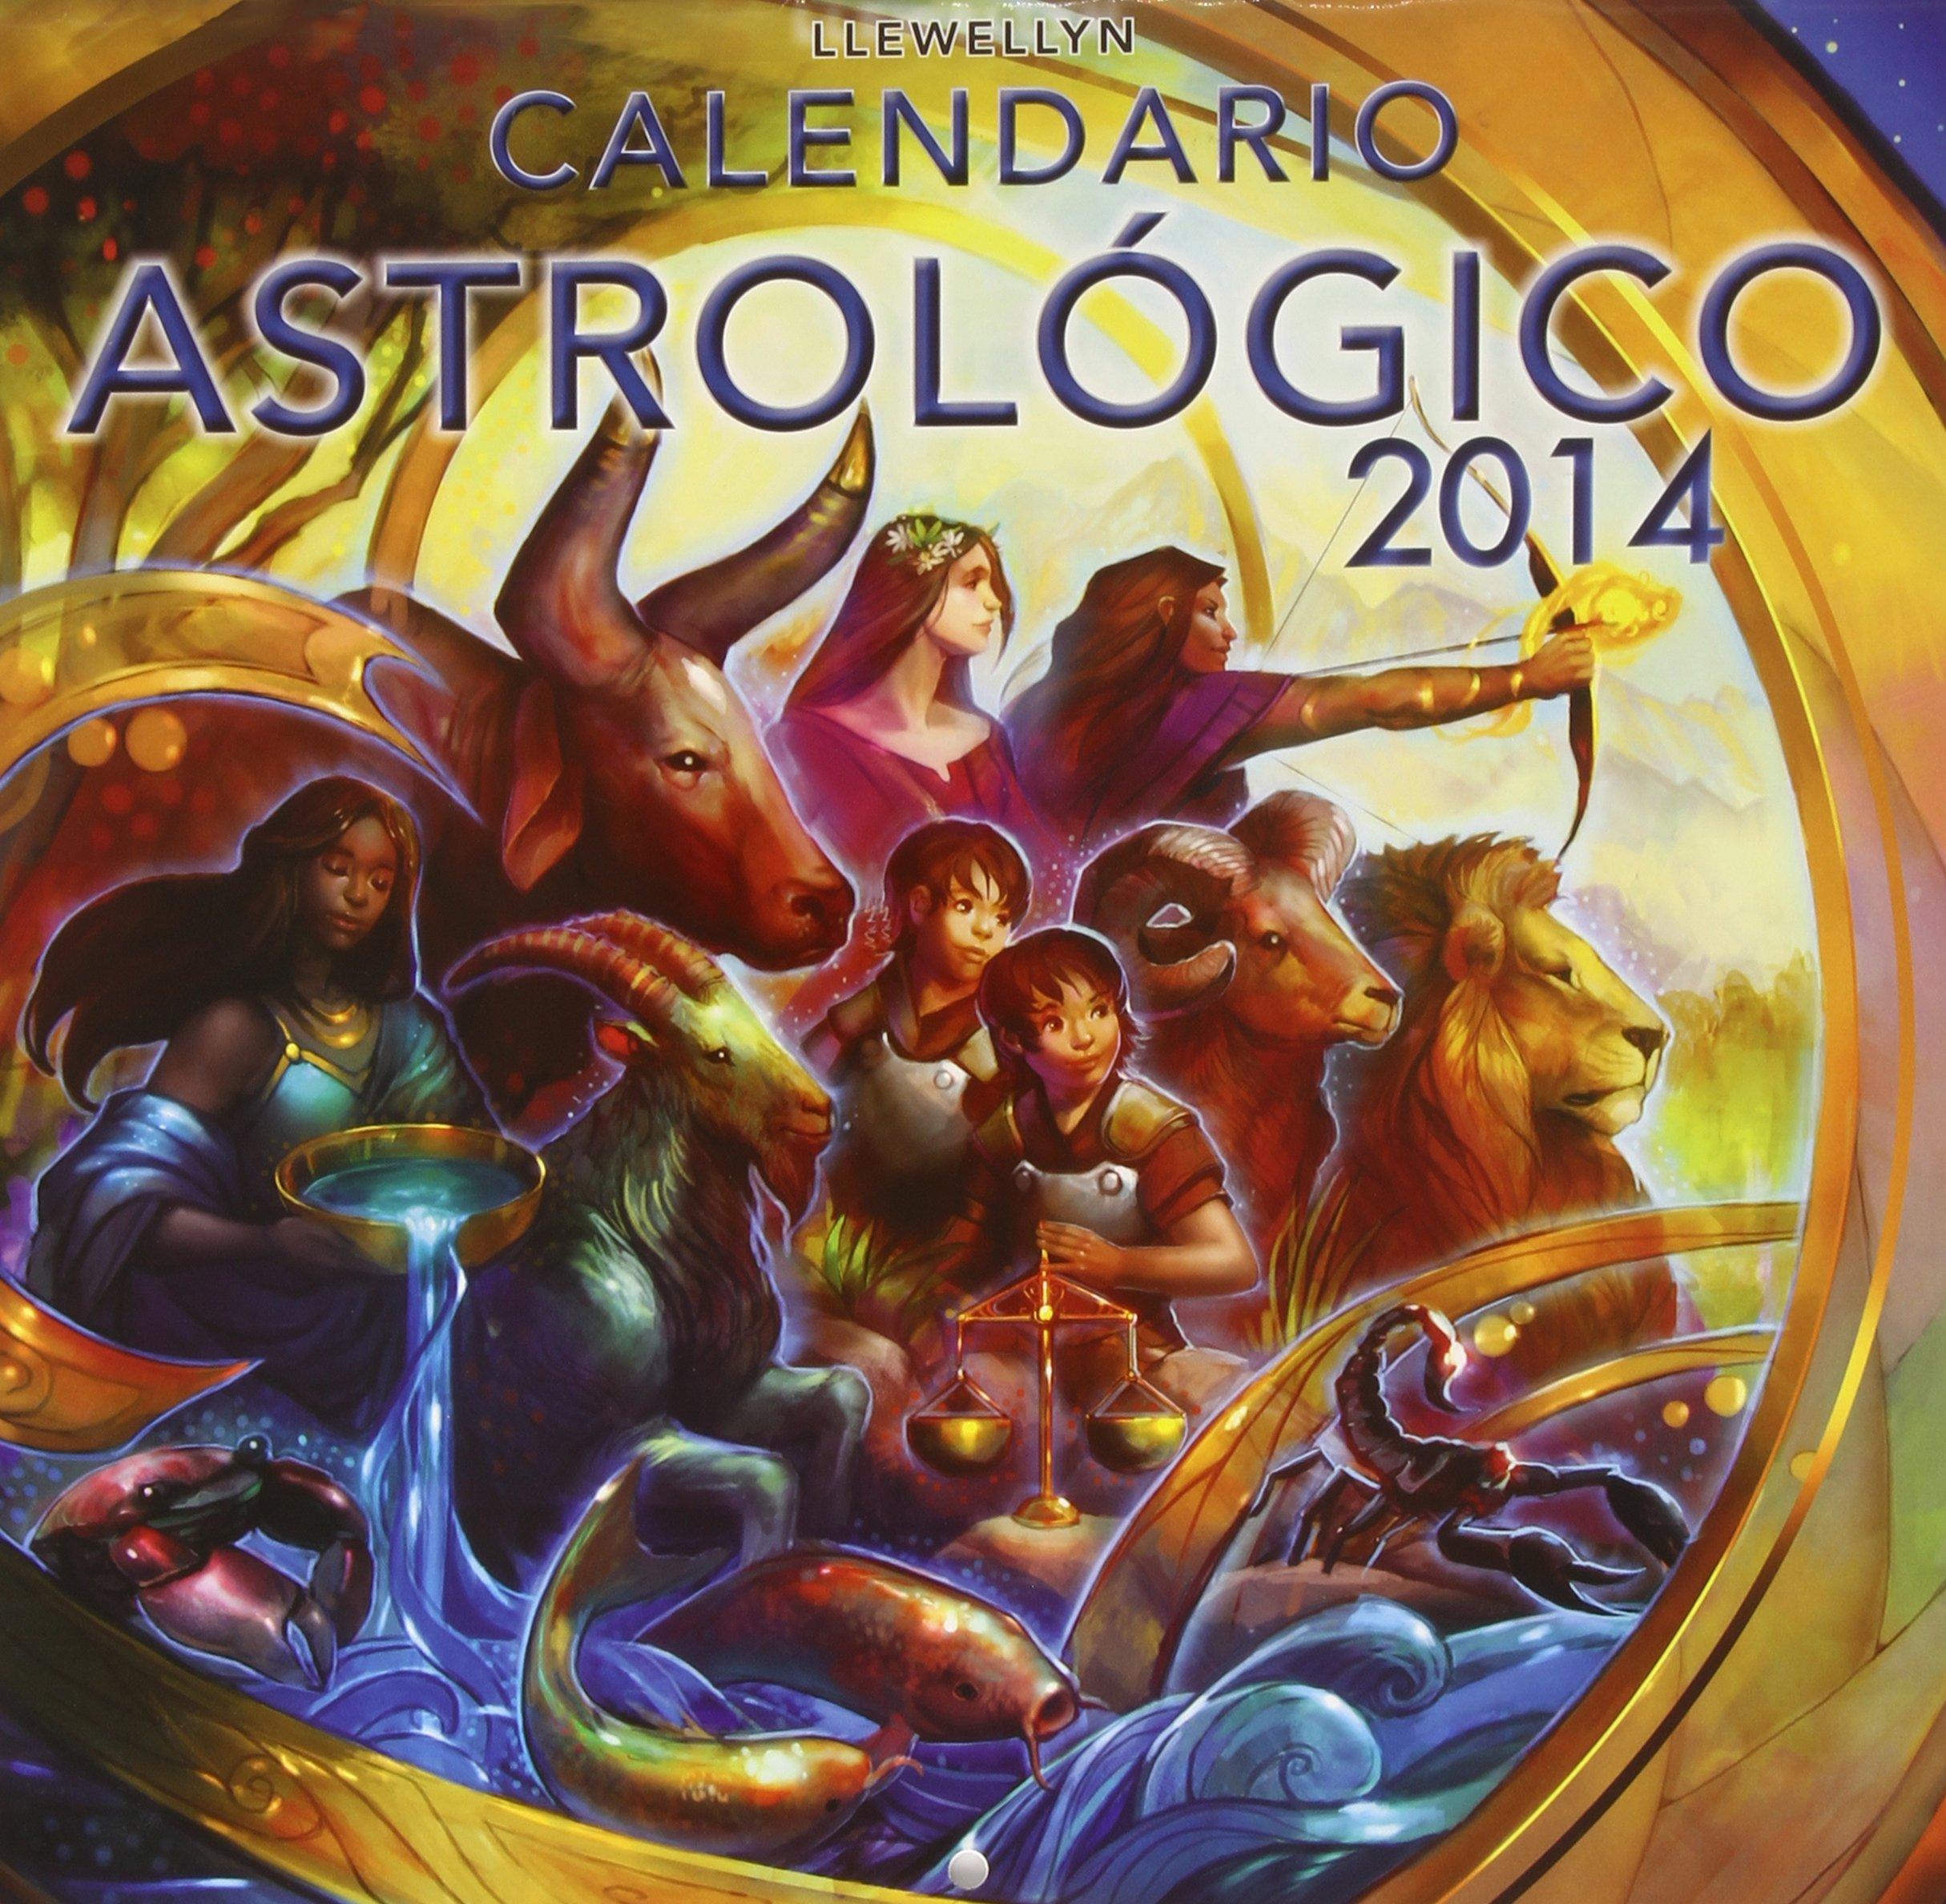 Calendario astrologico 2014 (Spanish Edition) by Obelisco